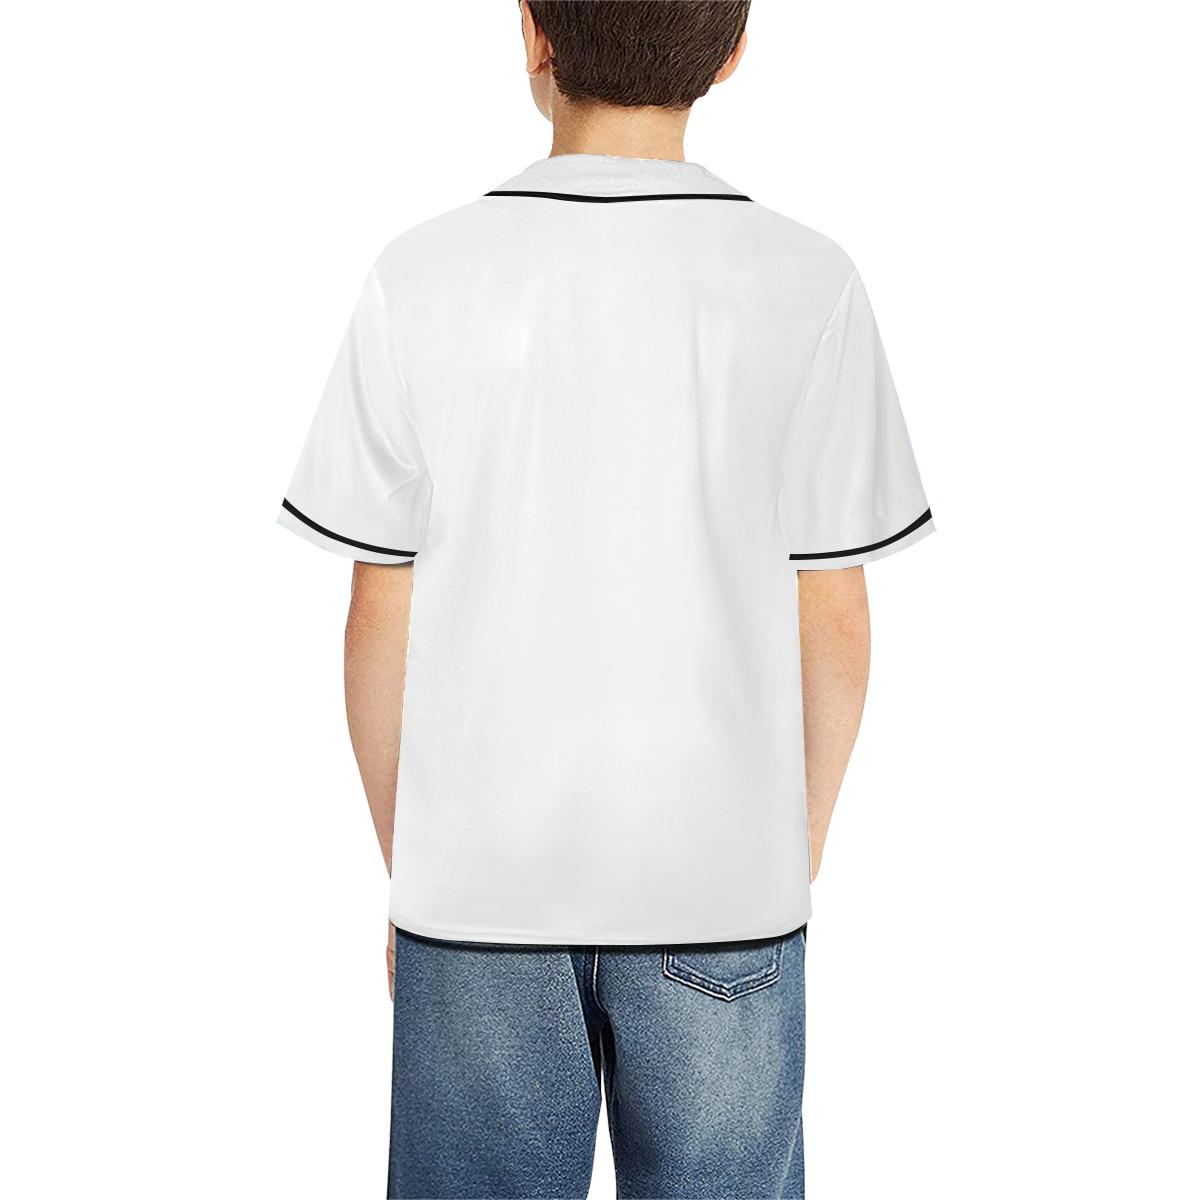 All Over Print Baseball Jersey for Kids (Model T50)